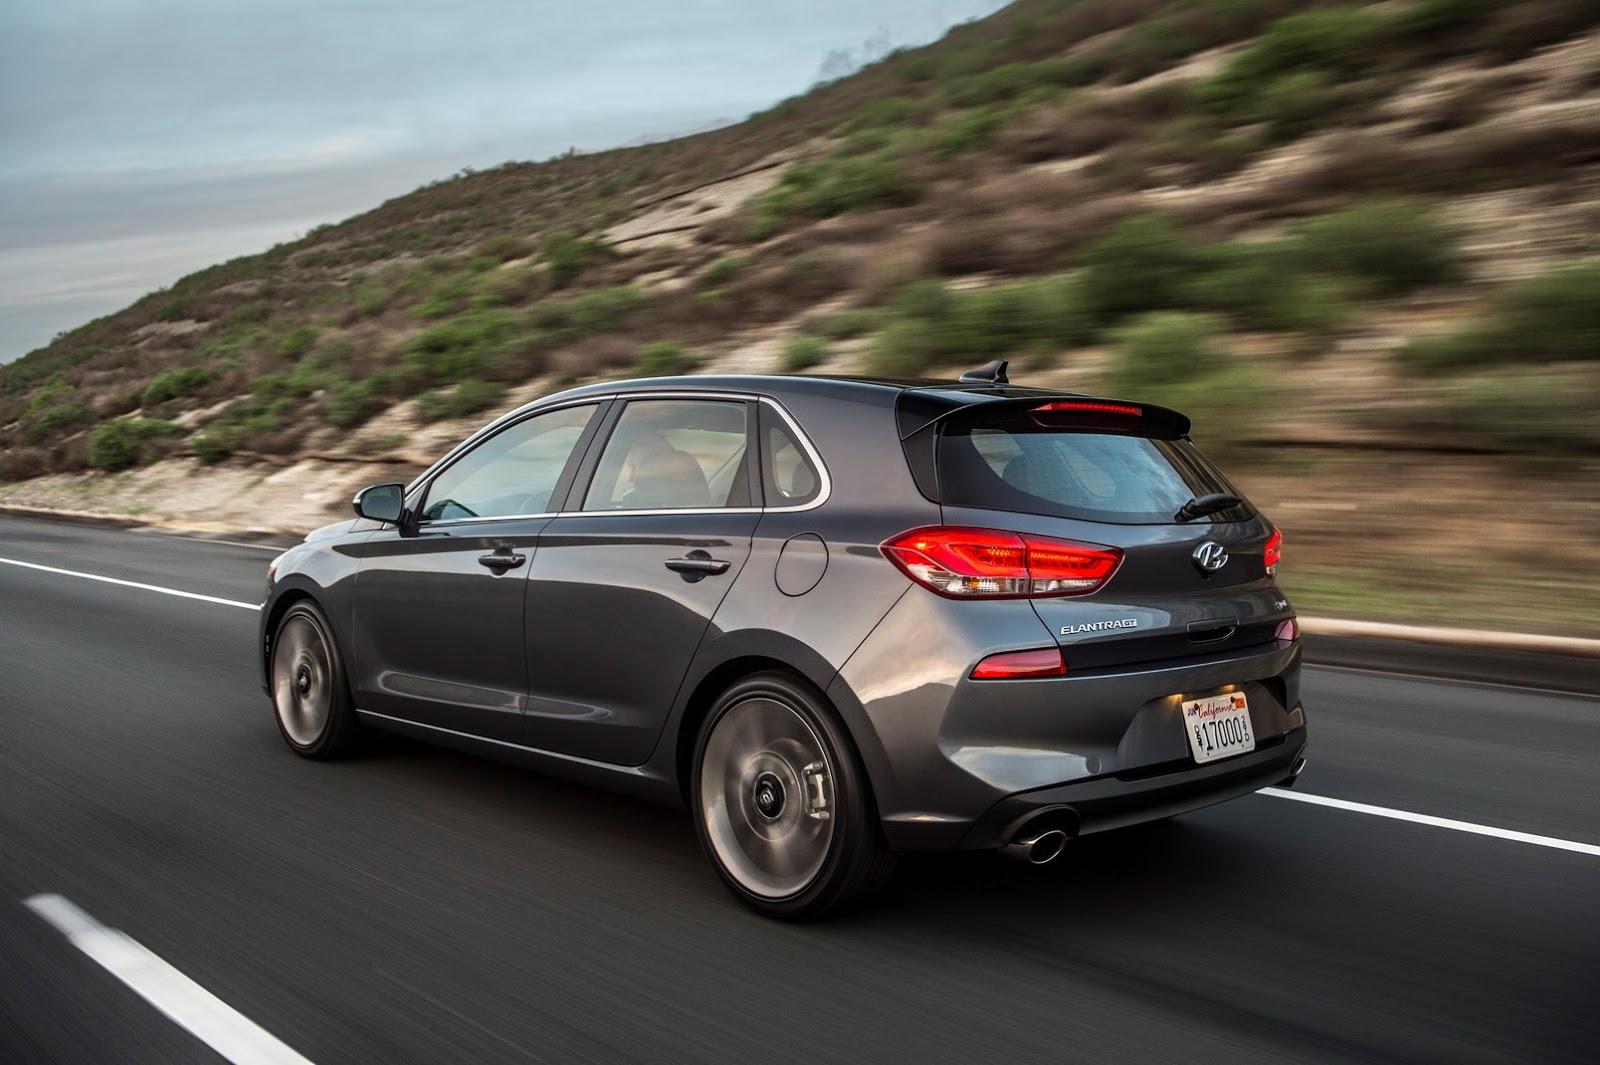 Hyundai Elantra GT 2018 (62)